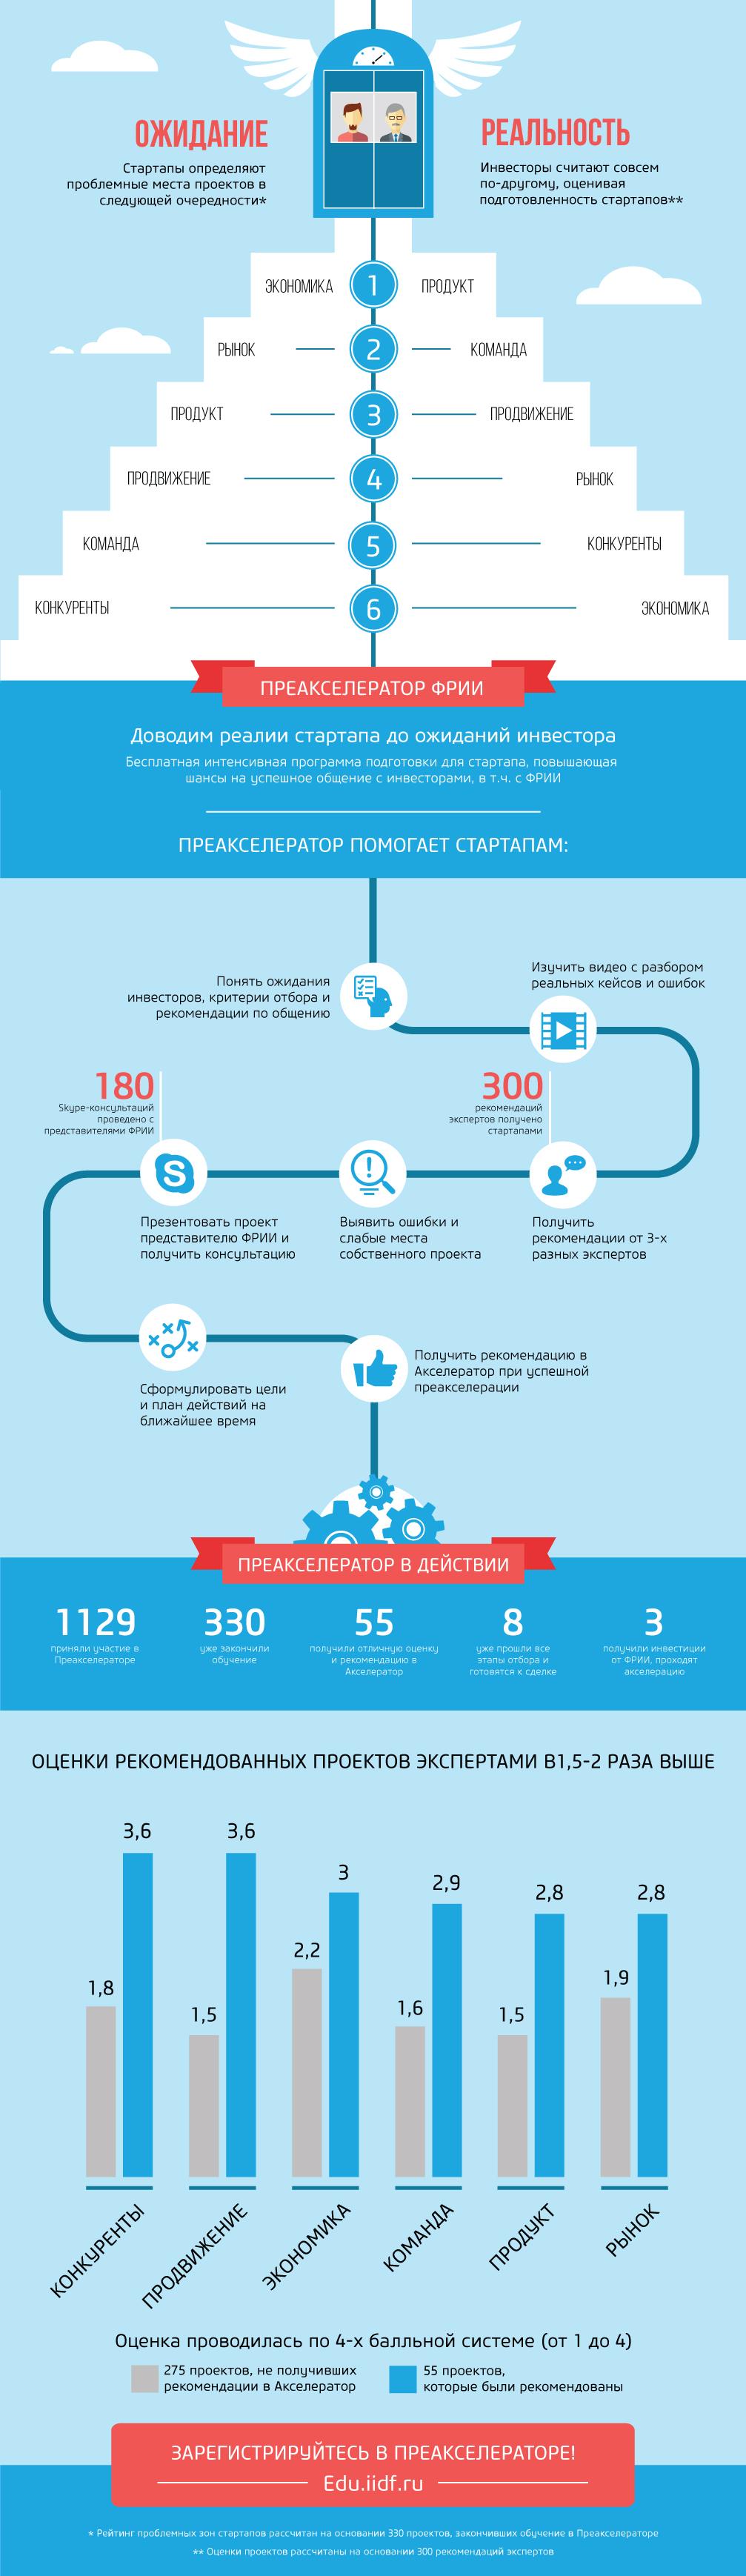 Инфографика для Преакселератора ФРИИ